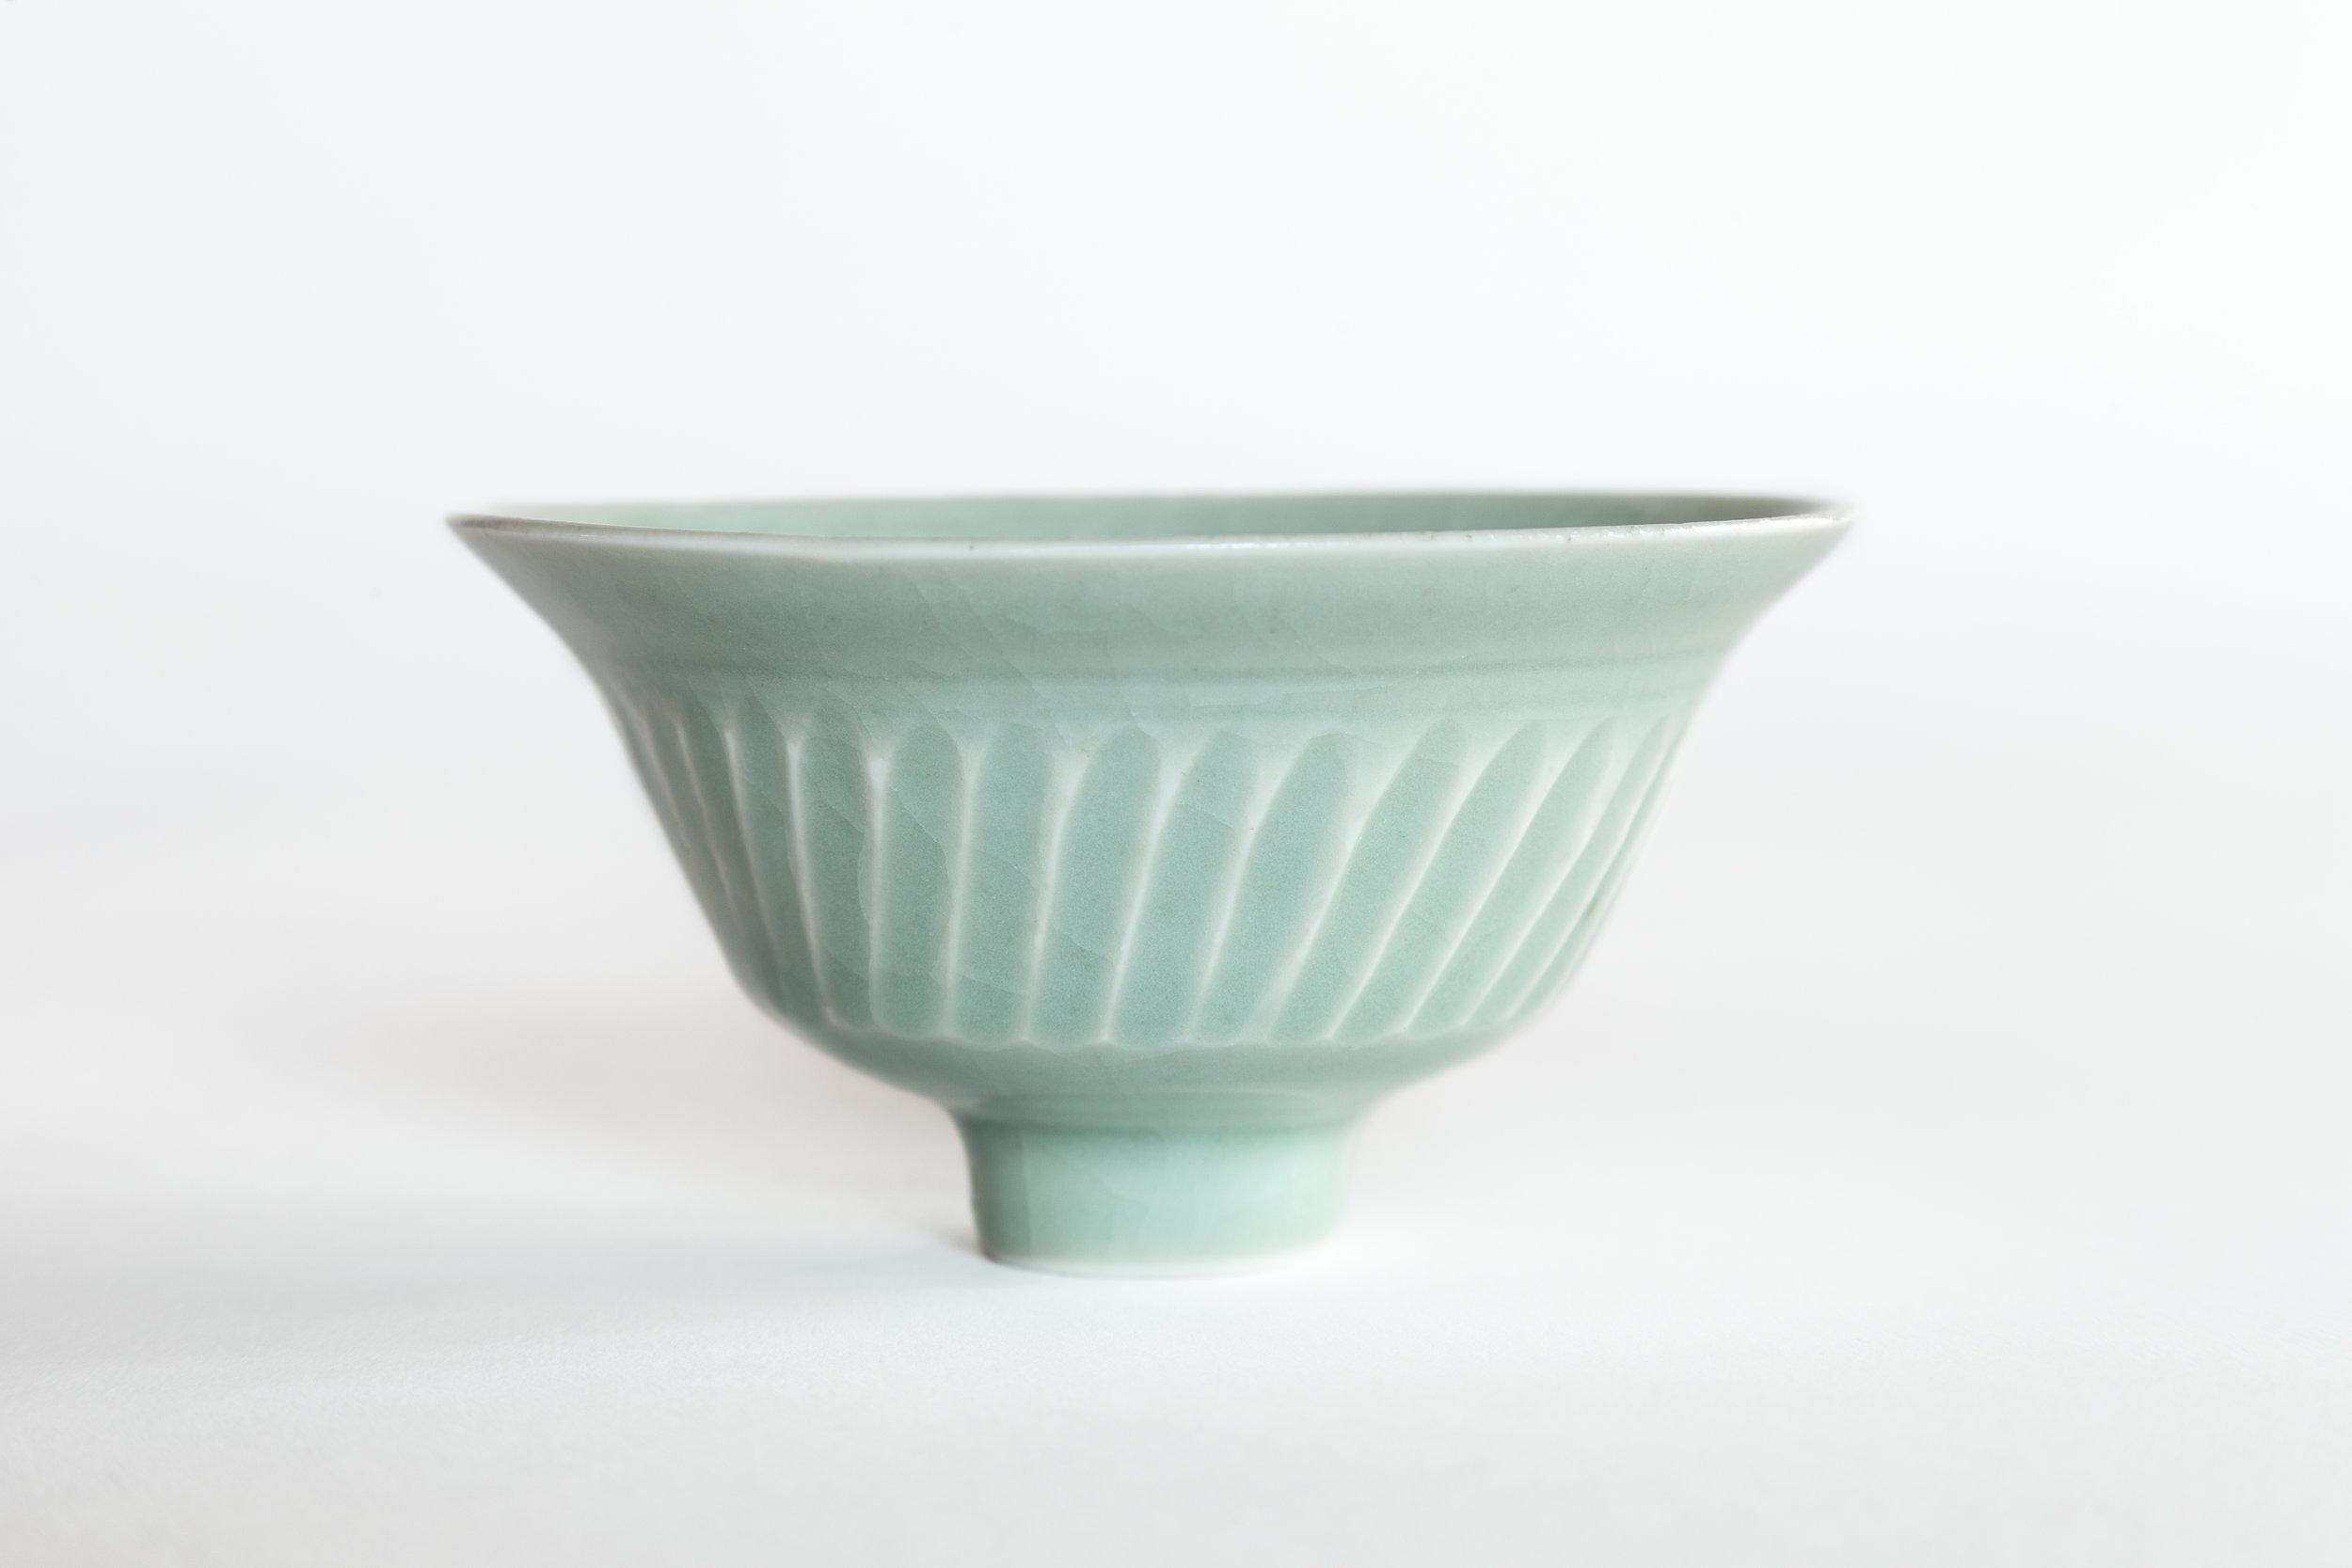 - David Leach (1911-2005)Celadon Blue Bowlc. 1977Porcelain4 x 5 1/2 inches